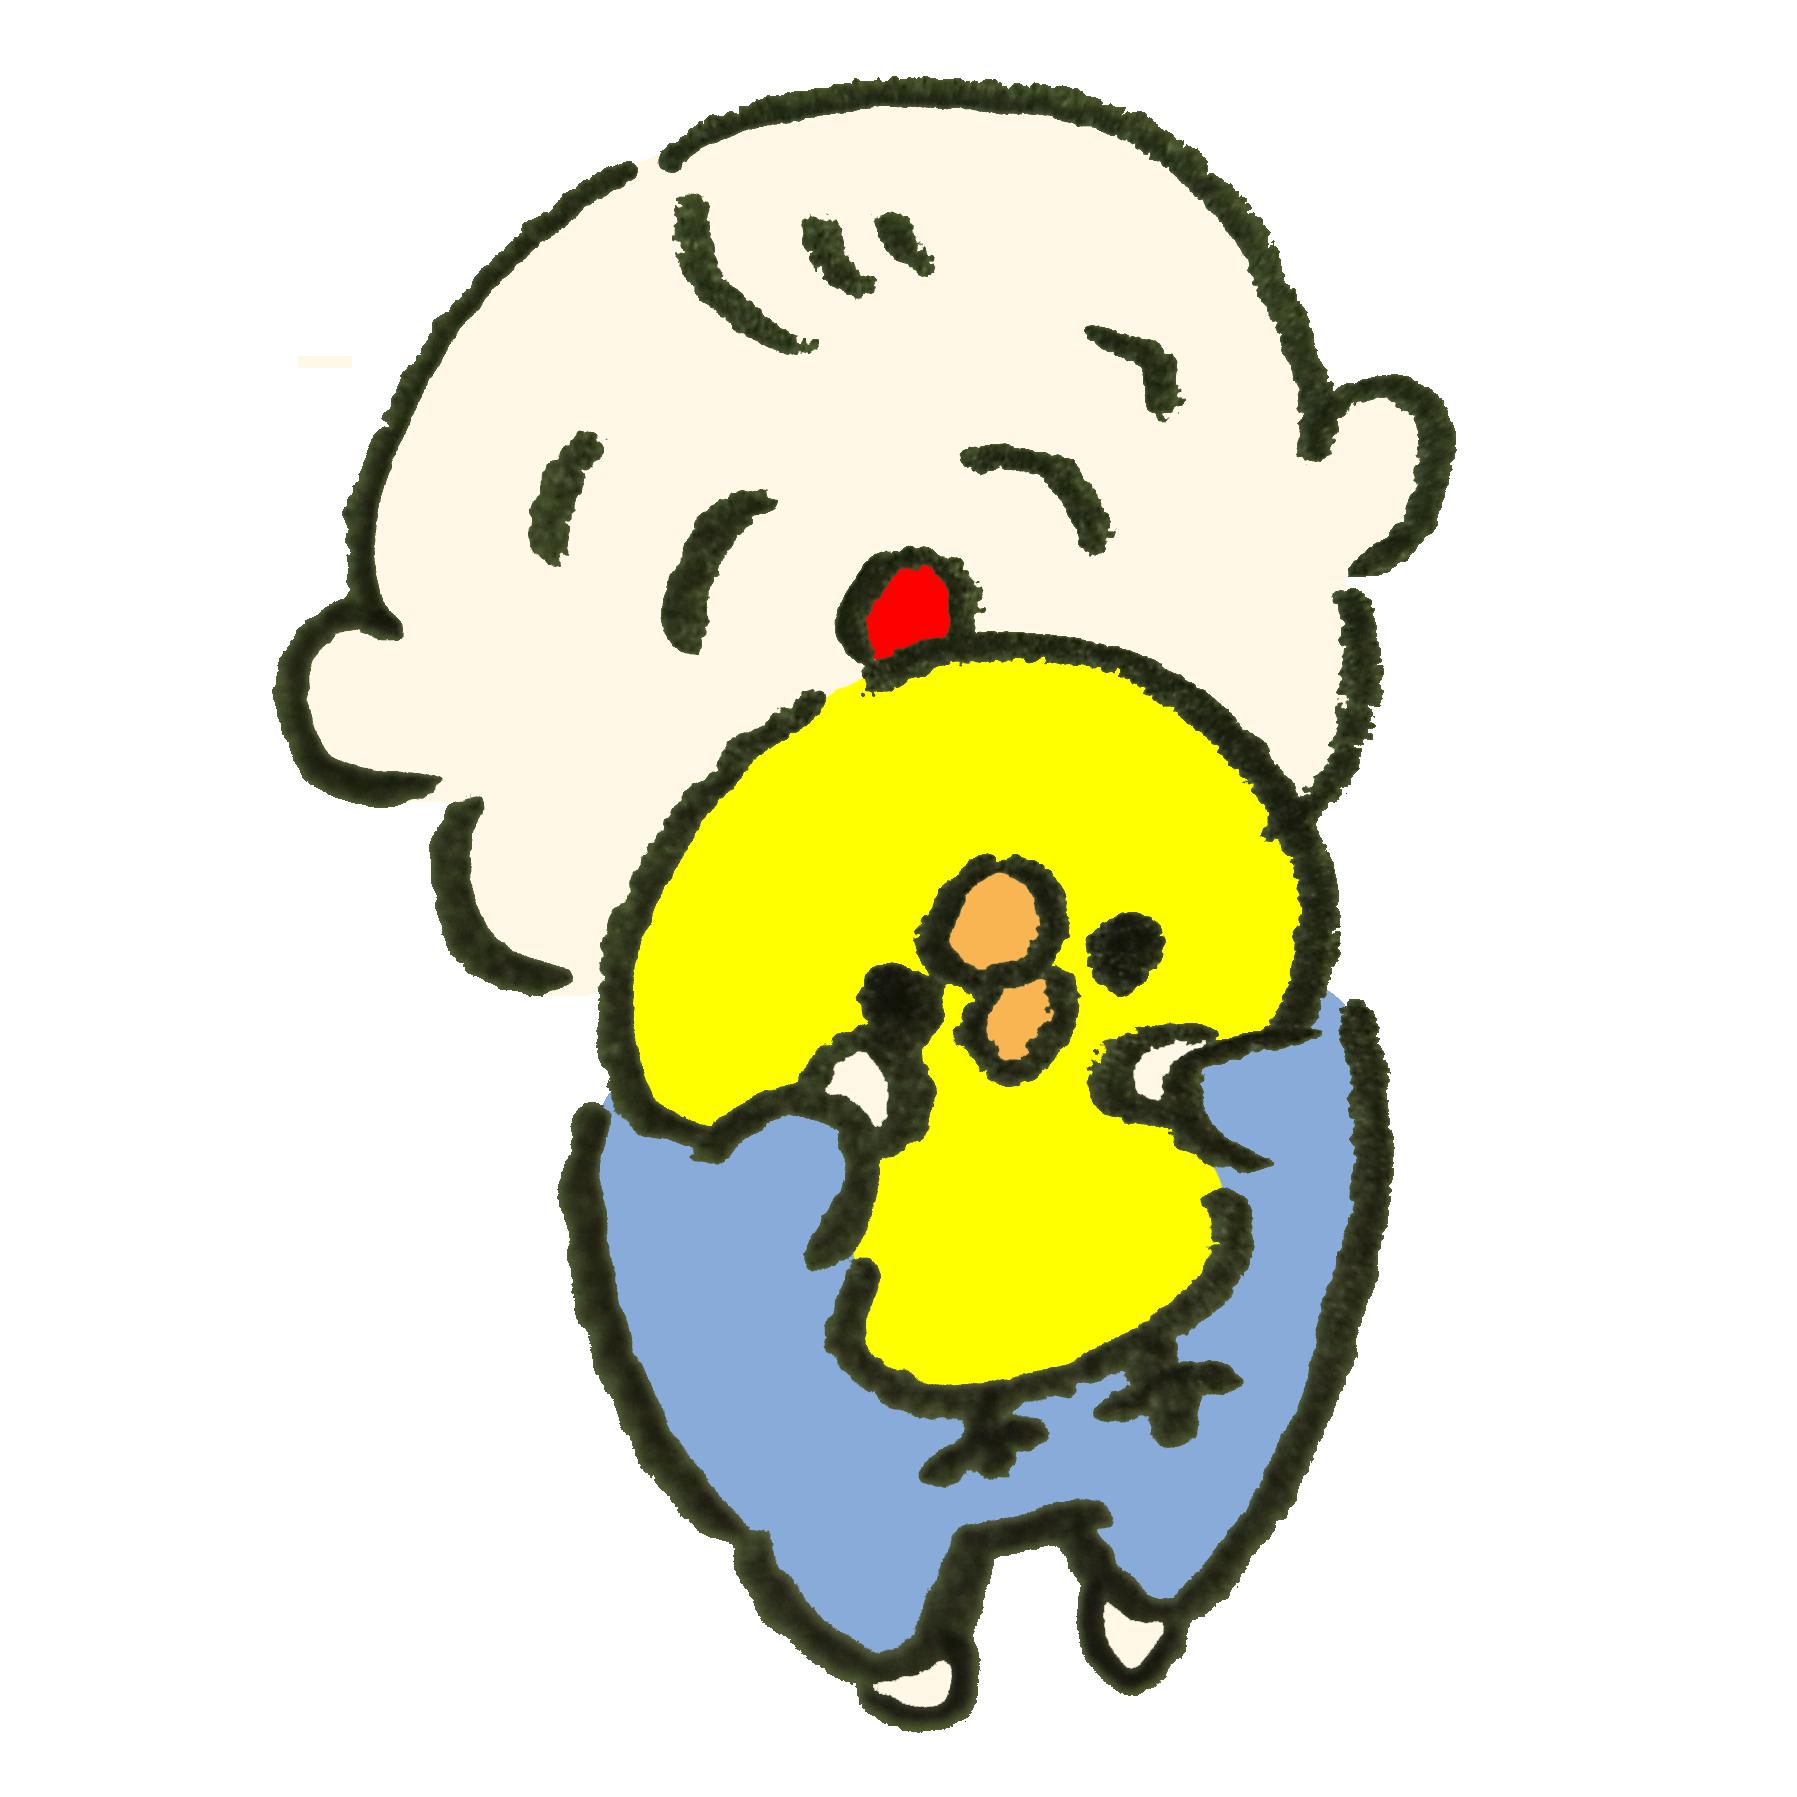 ひよこのぬいぐるみを抱いて喜ぶ赤ちゃん